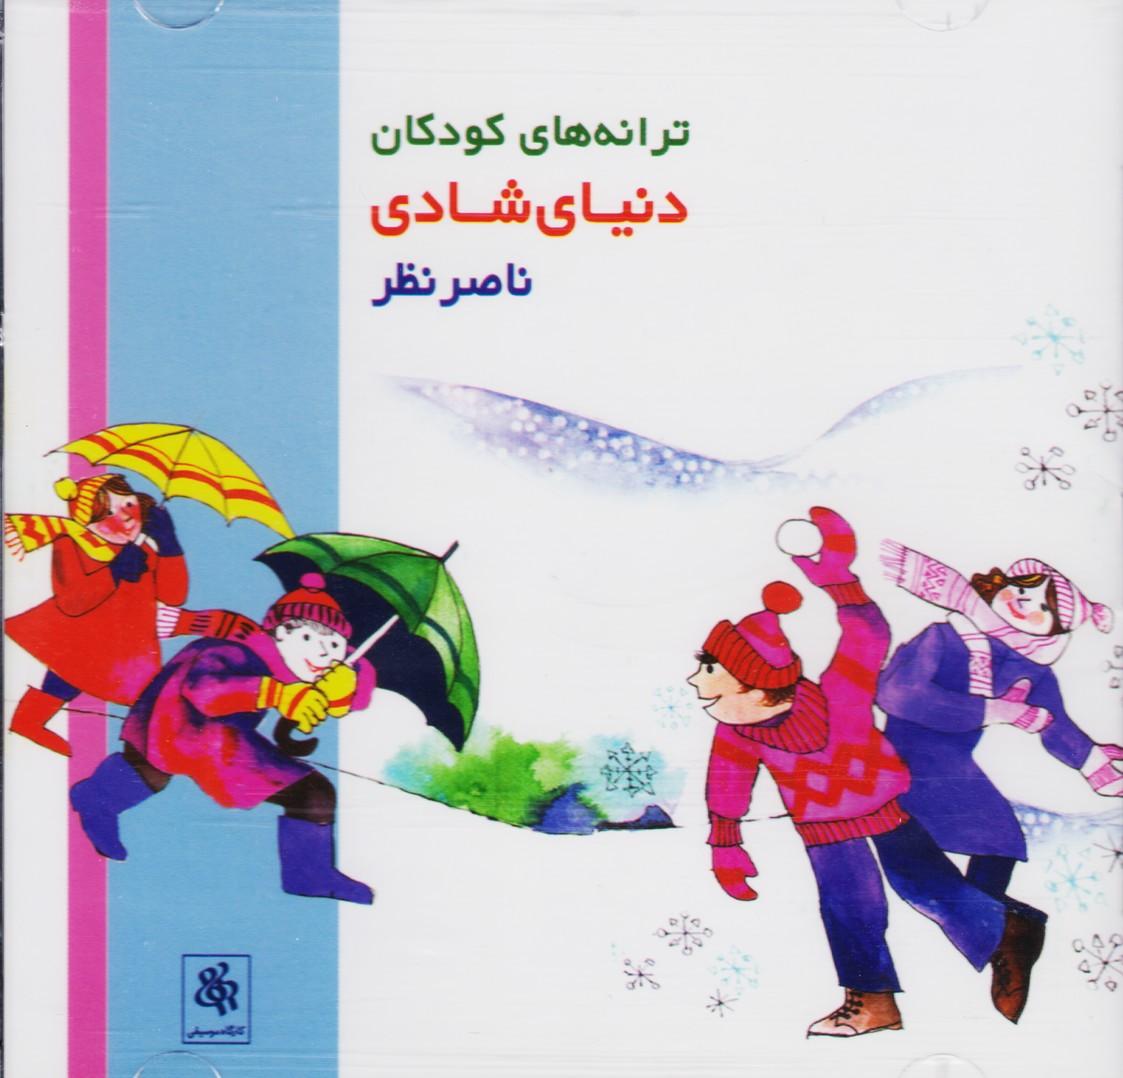 دنیای شادی(ترانه های کودکان)